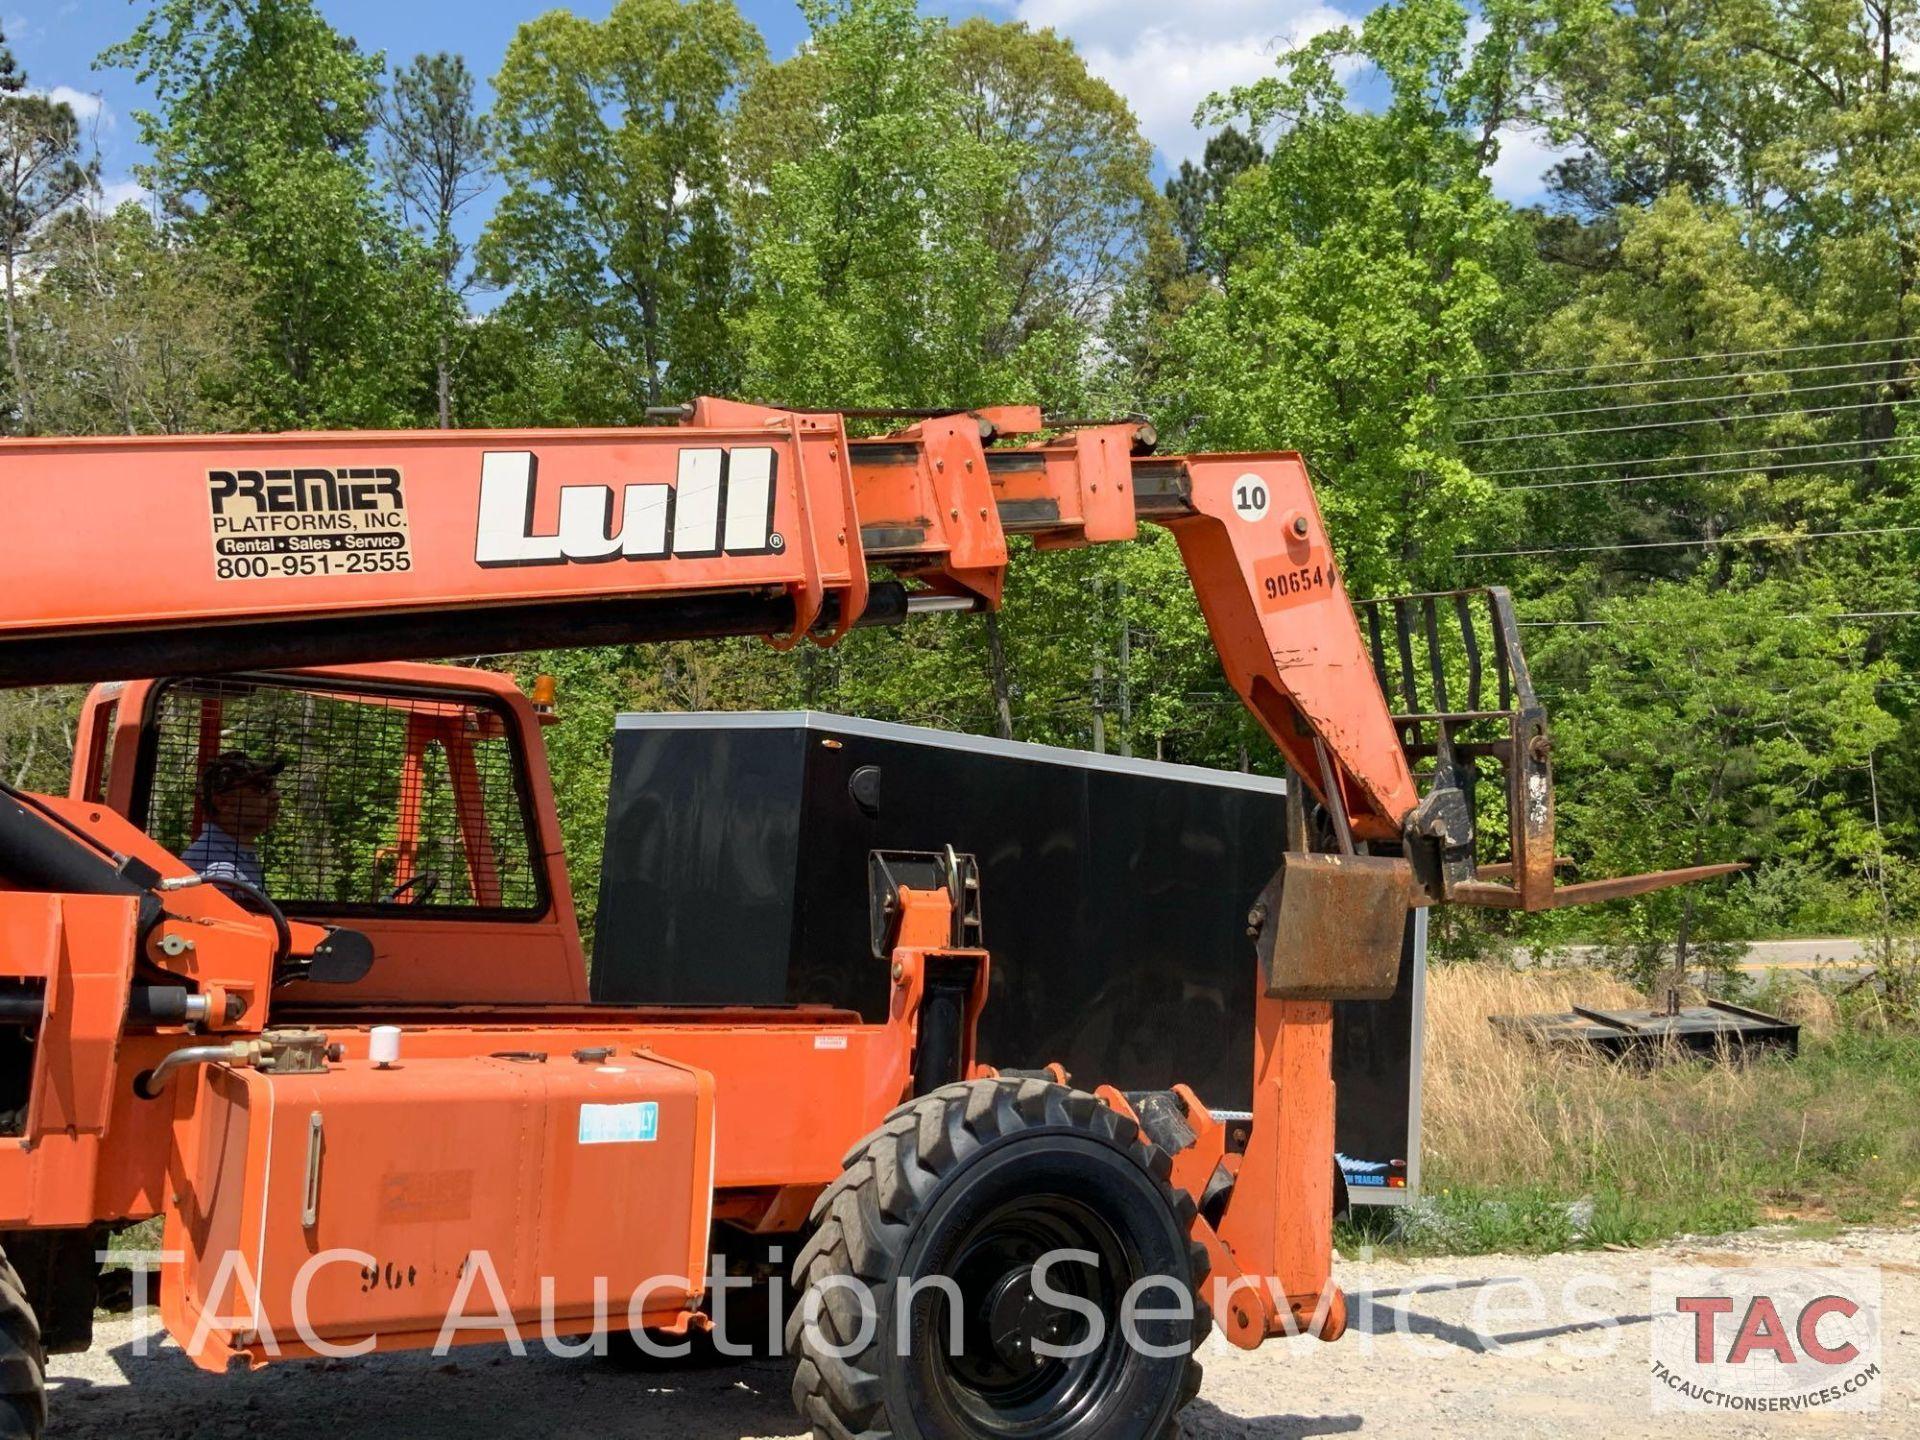 2007 JLG LULL Telehander Forklift - Image 14 of 25